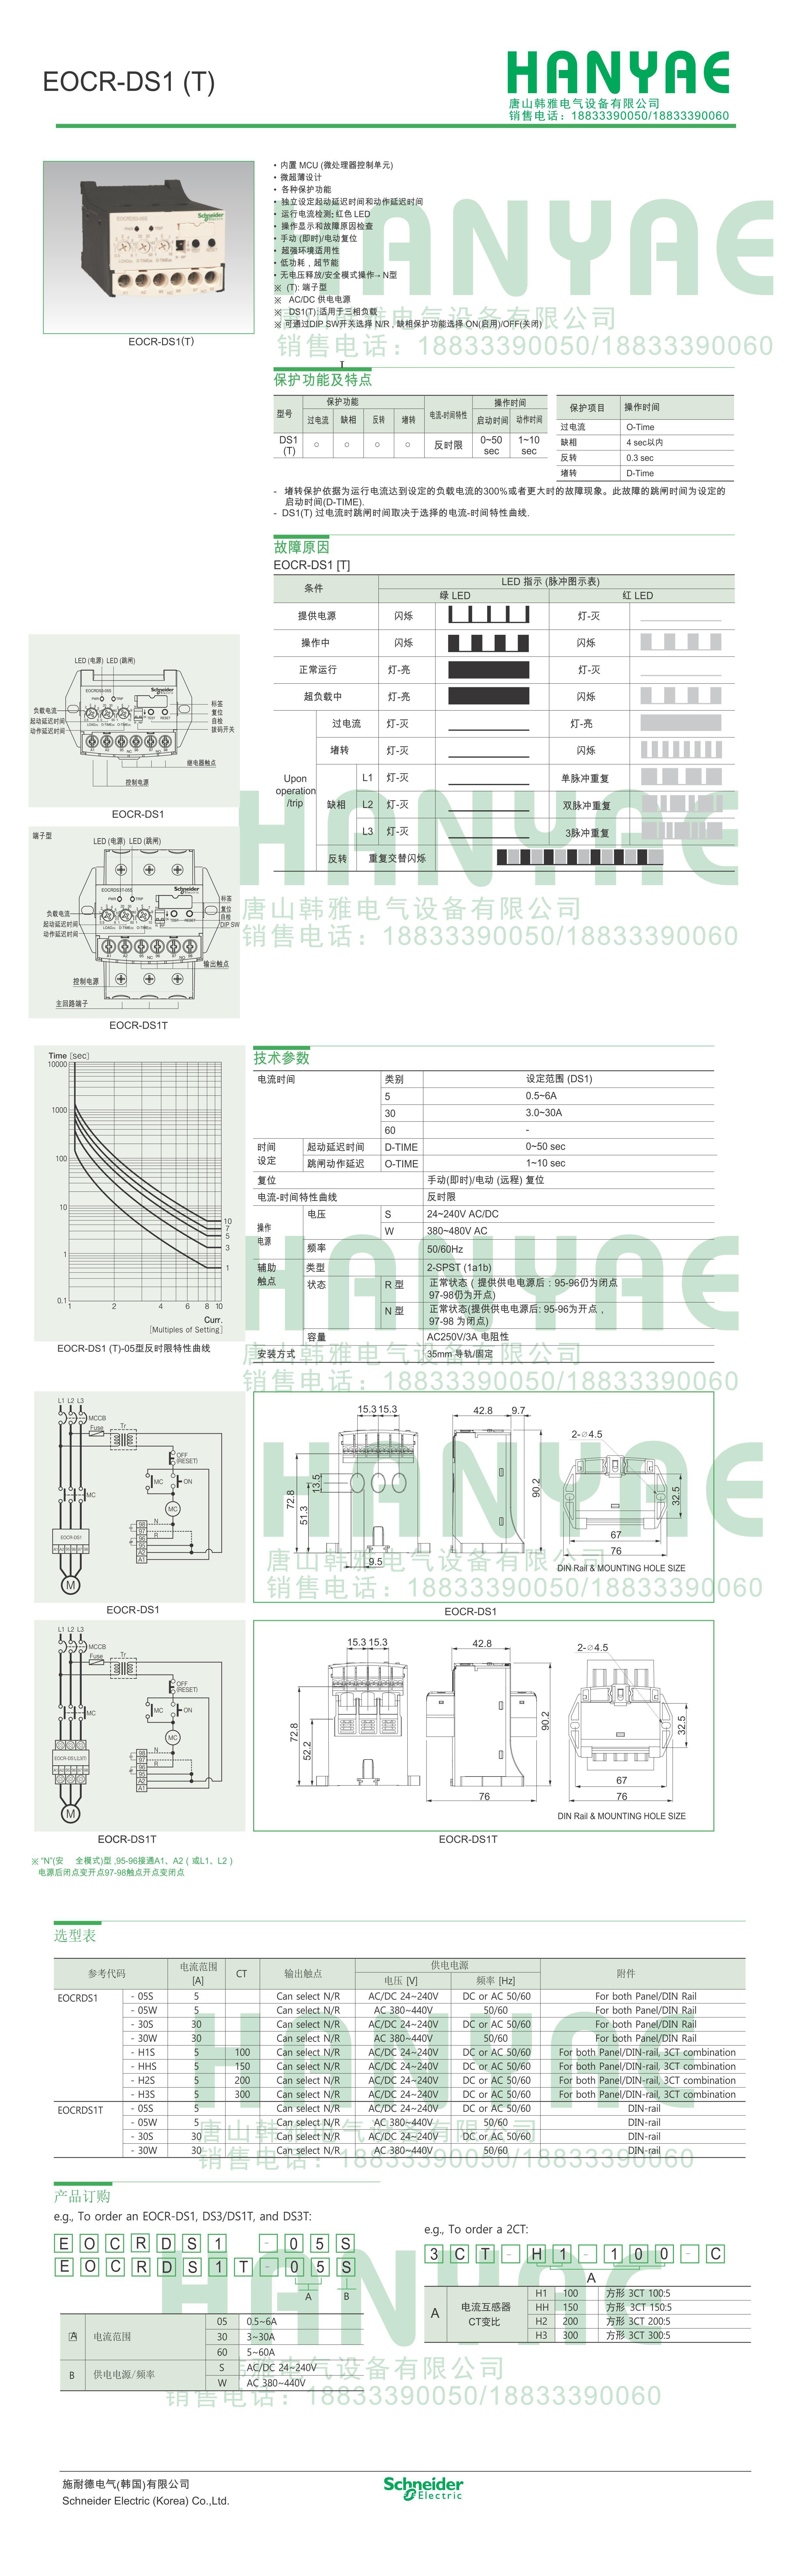 韩国三和EOCR-DS1 施耐德,韩国三和,韩国SAMWHA,电子式继电器,EOCR-DS1